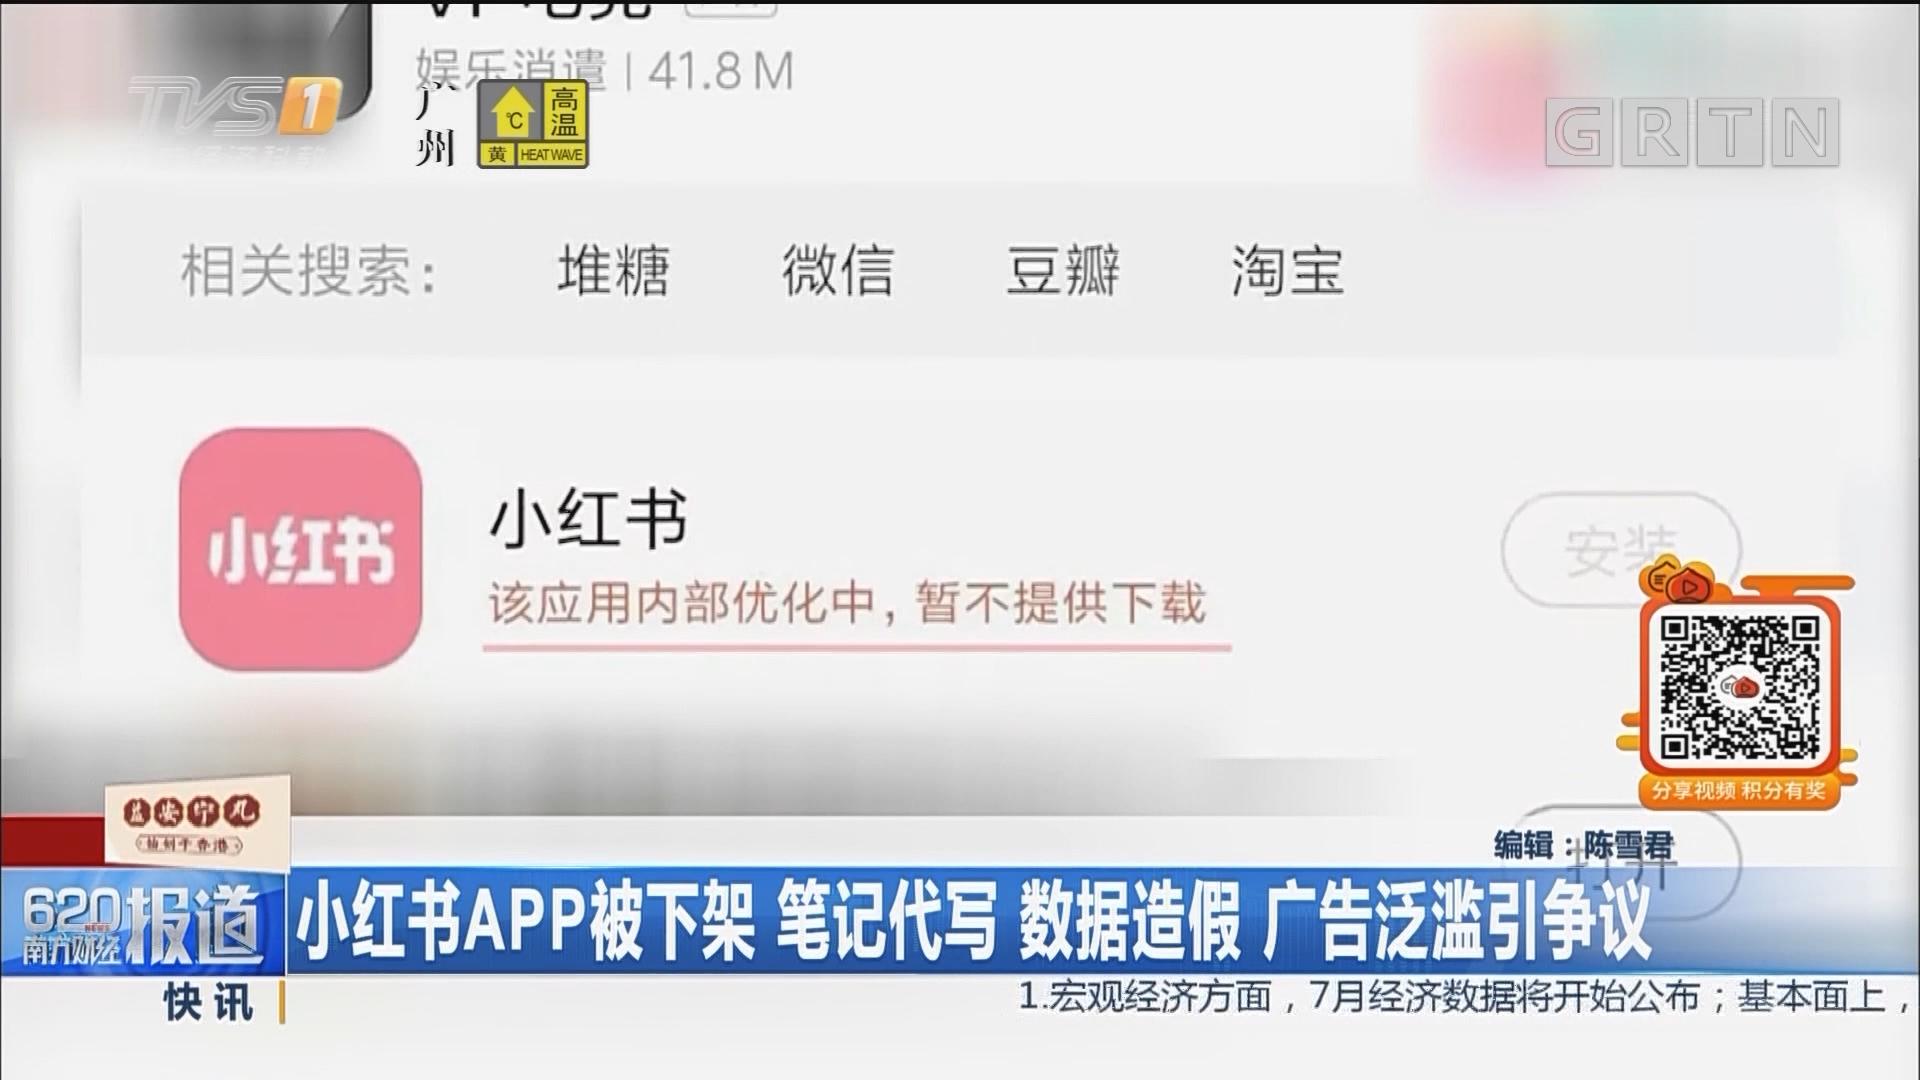 小红书APP被下架 笔记代写 数据造假 广告泛滥引争议